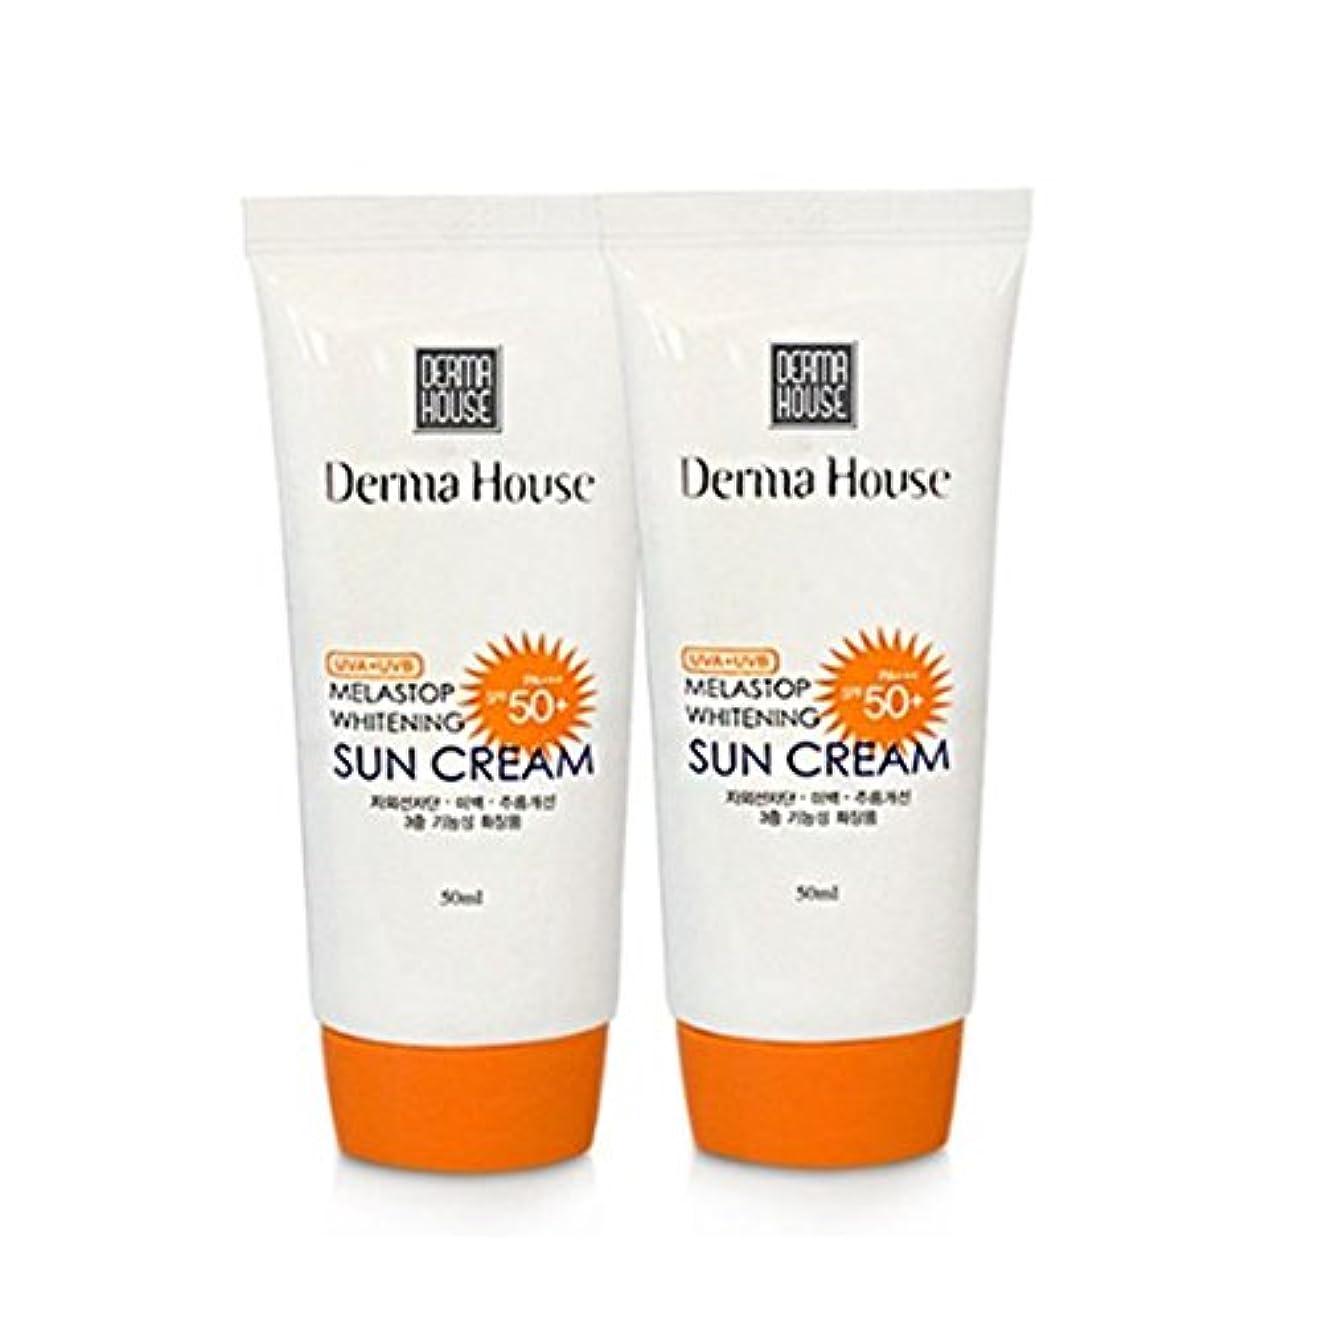 正午無視するはぁドマハウス(Derma House) メルラストップホワイトニングサンクリームSPF50+PA+++50ml x 2本セットDerma House Melastop Whitening Sun Cream SPF50+PA...